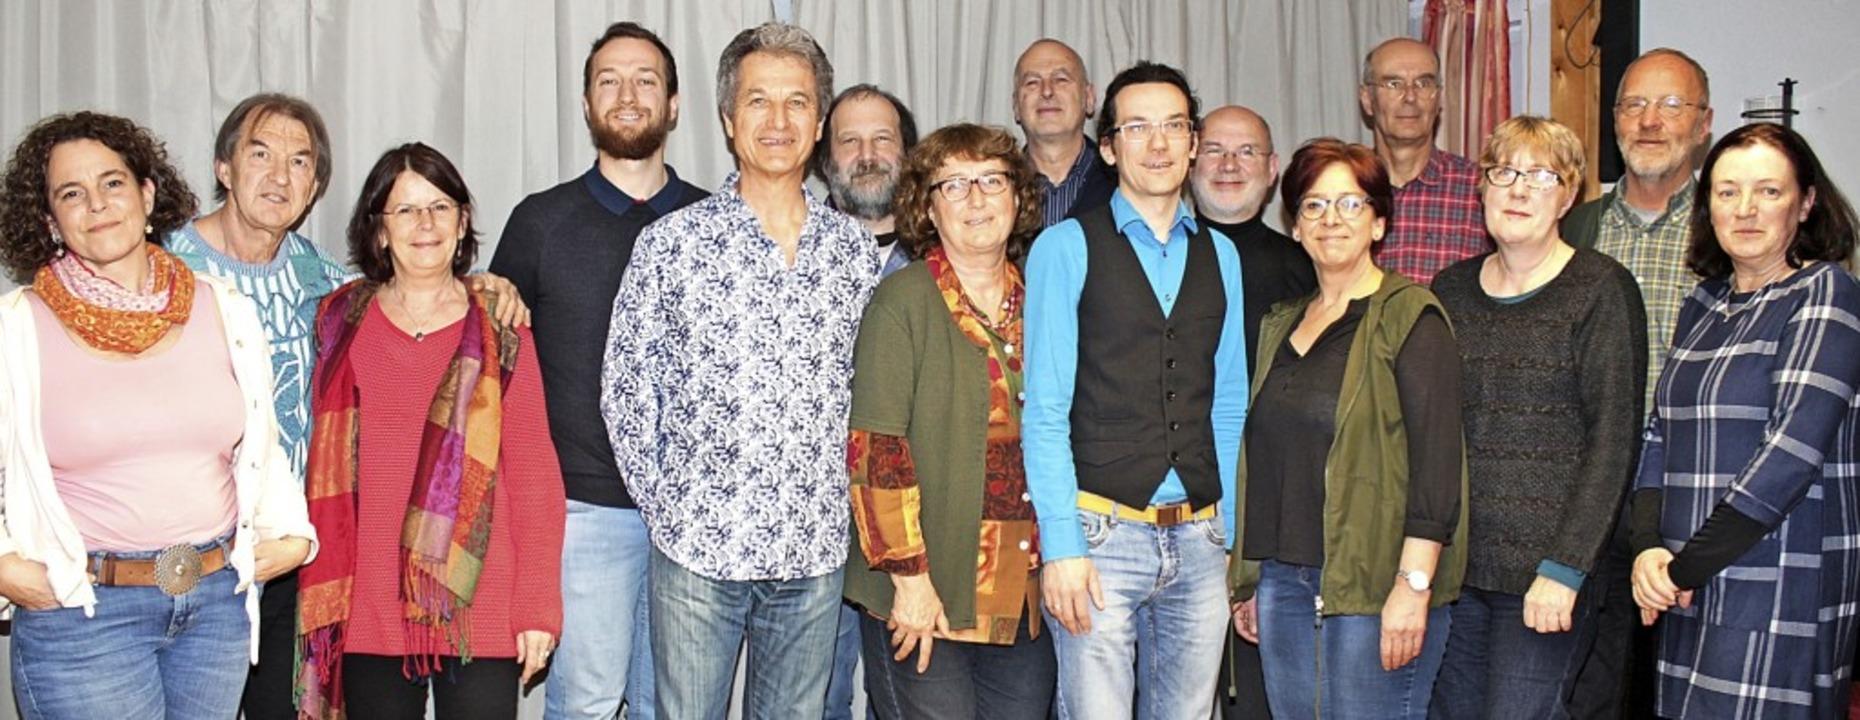 Für die Grünen in den Gemeinderat woll...nn,  Karl Schäfer und Gisela Schleidt.  | Foto: anja Bertsch